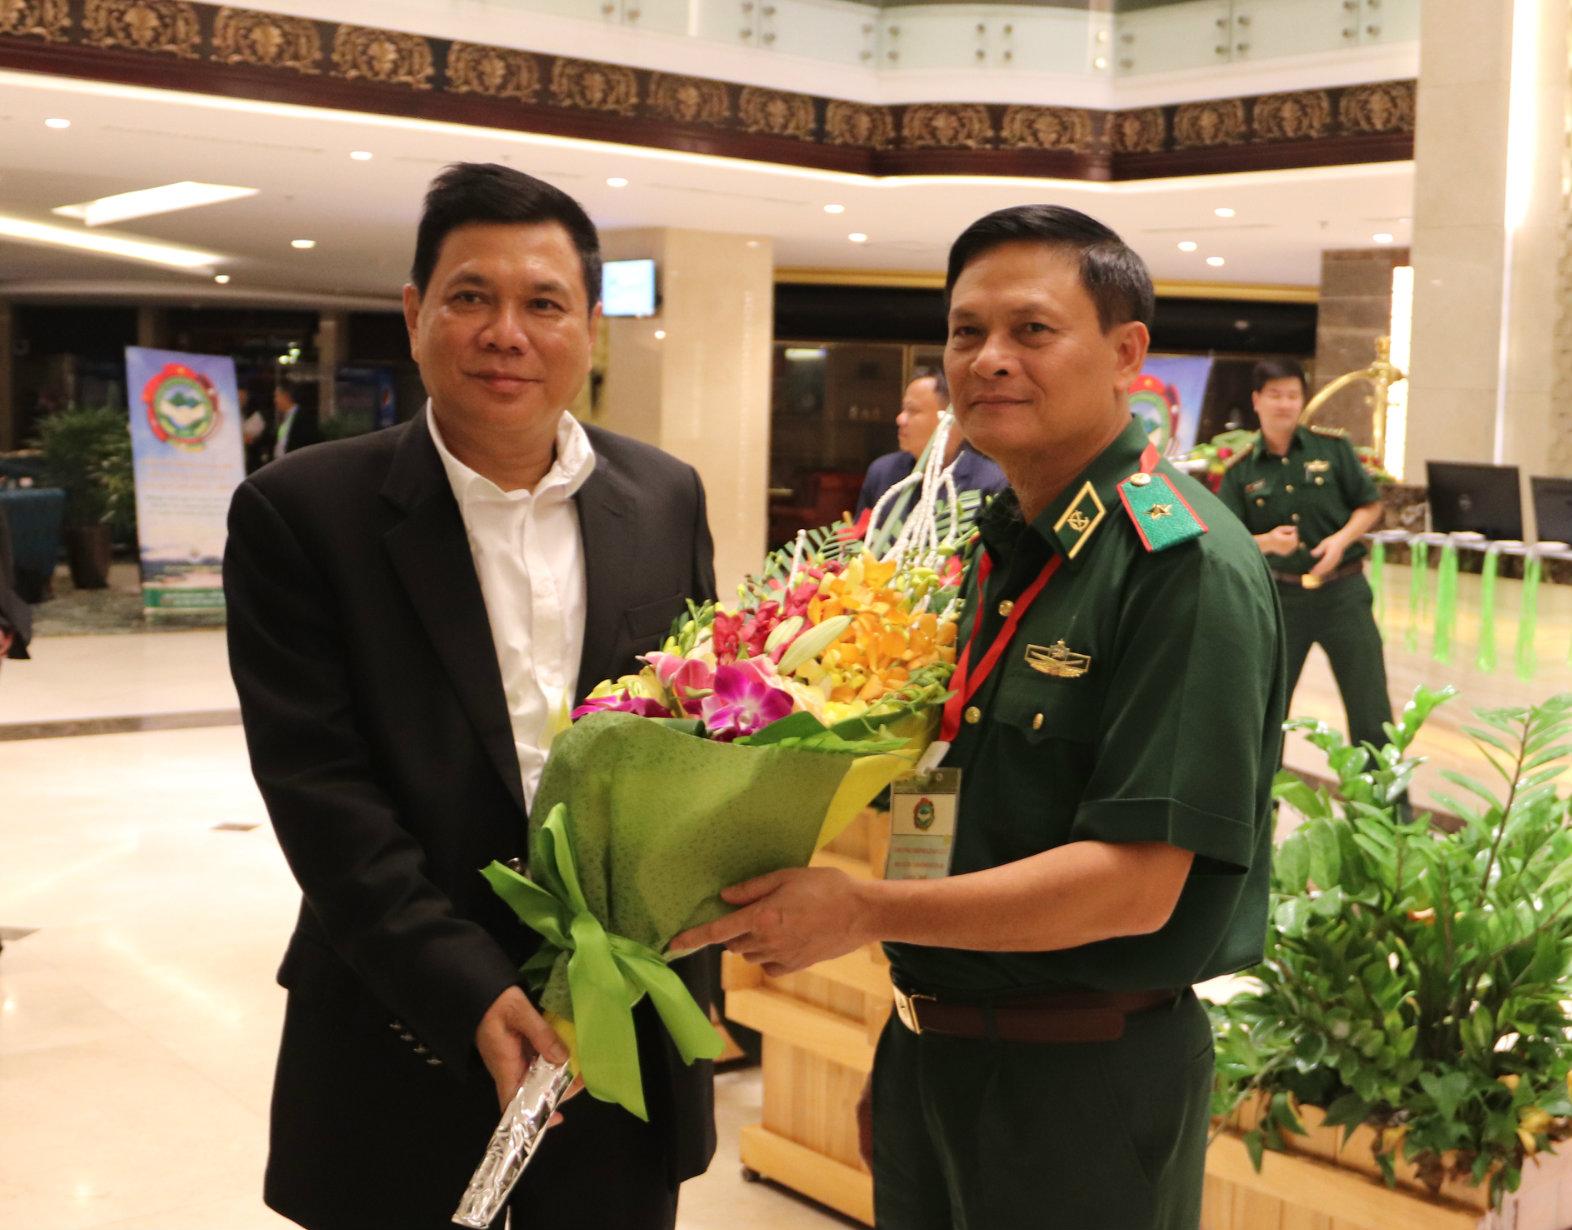 Các đoàn tham dự quotBiên cương thắm tình hữu nghịquot lần thứ 3 đã có mặt tại Hà Nội